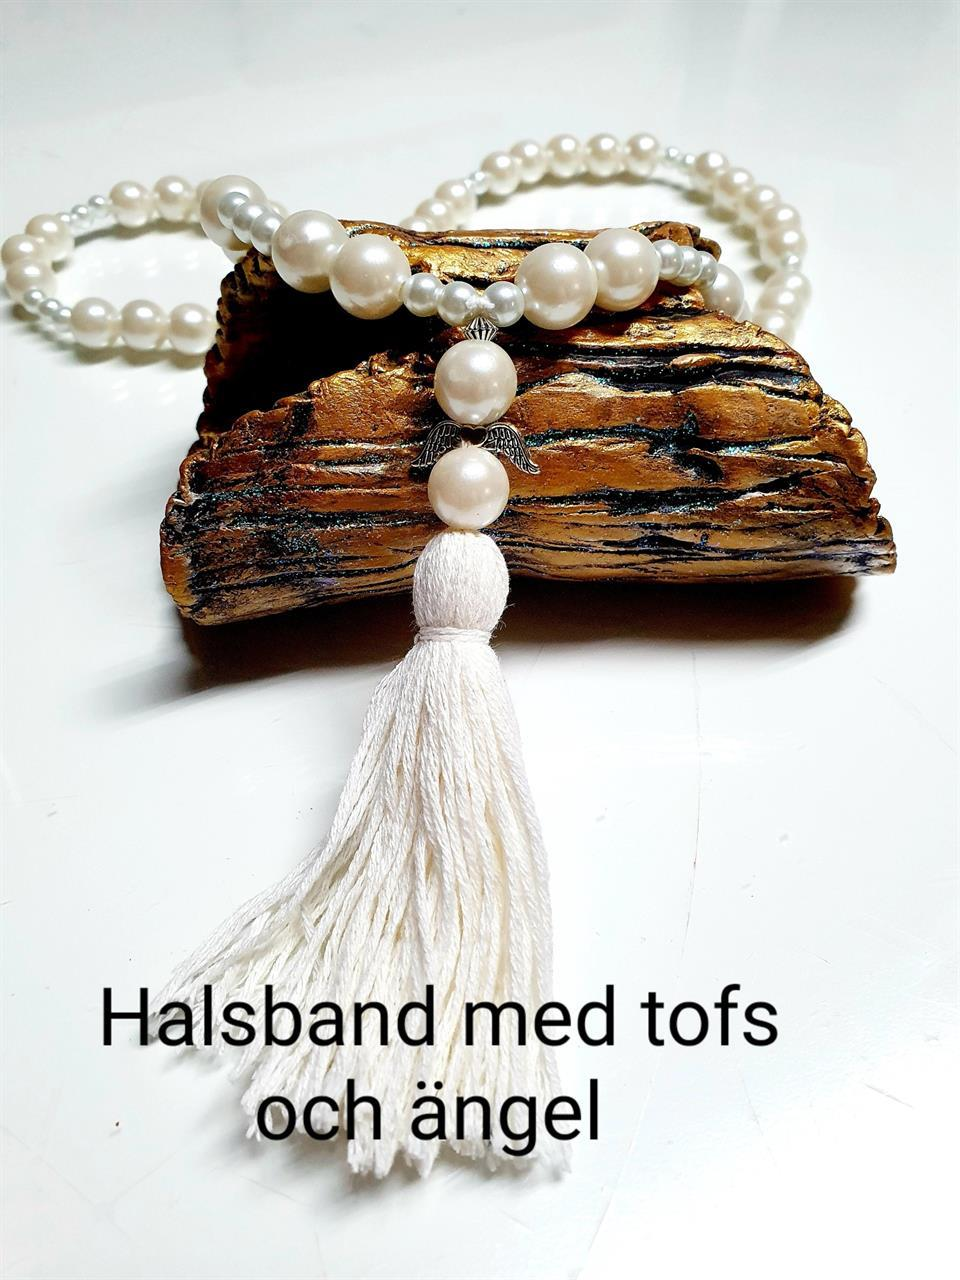 Halsband med tofs och ängel